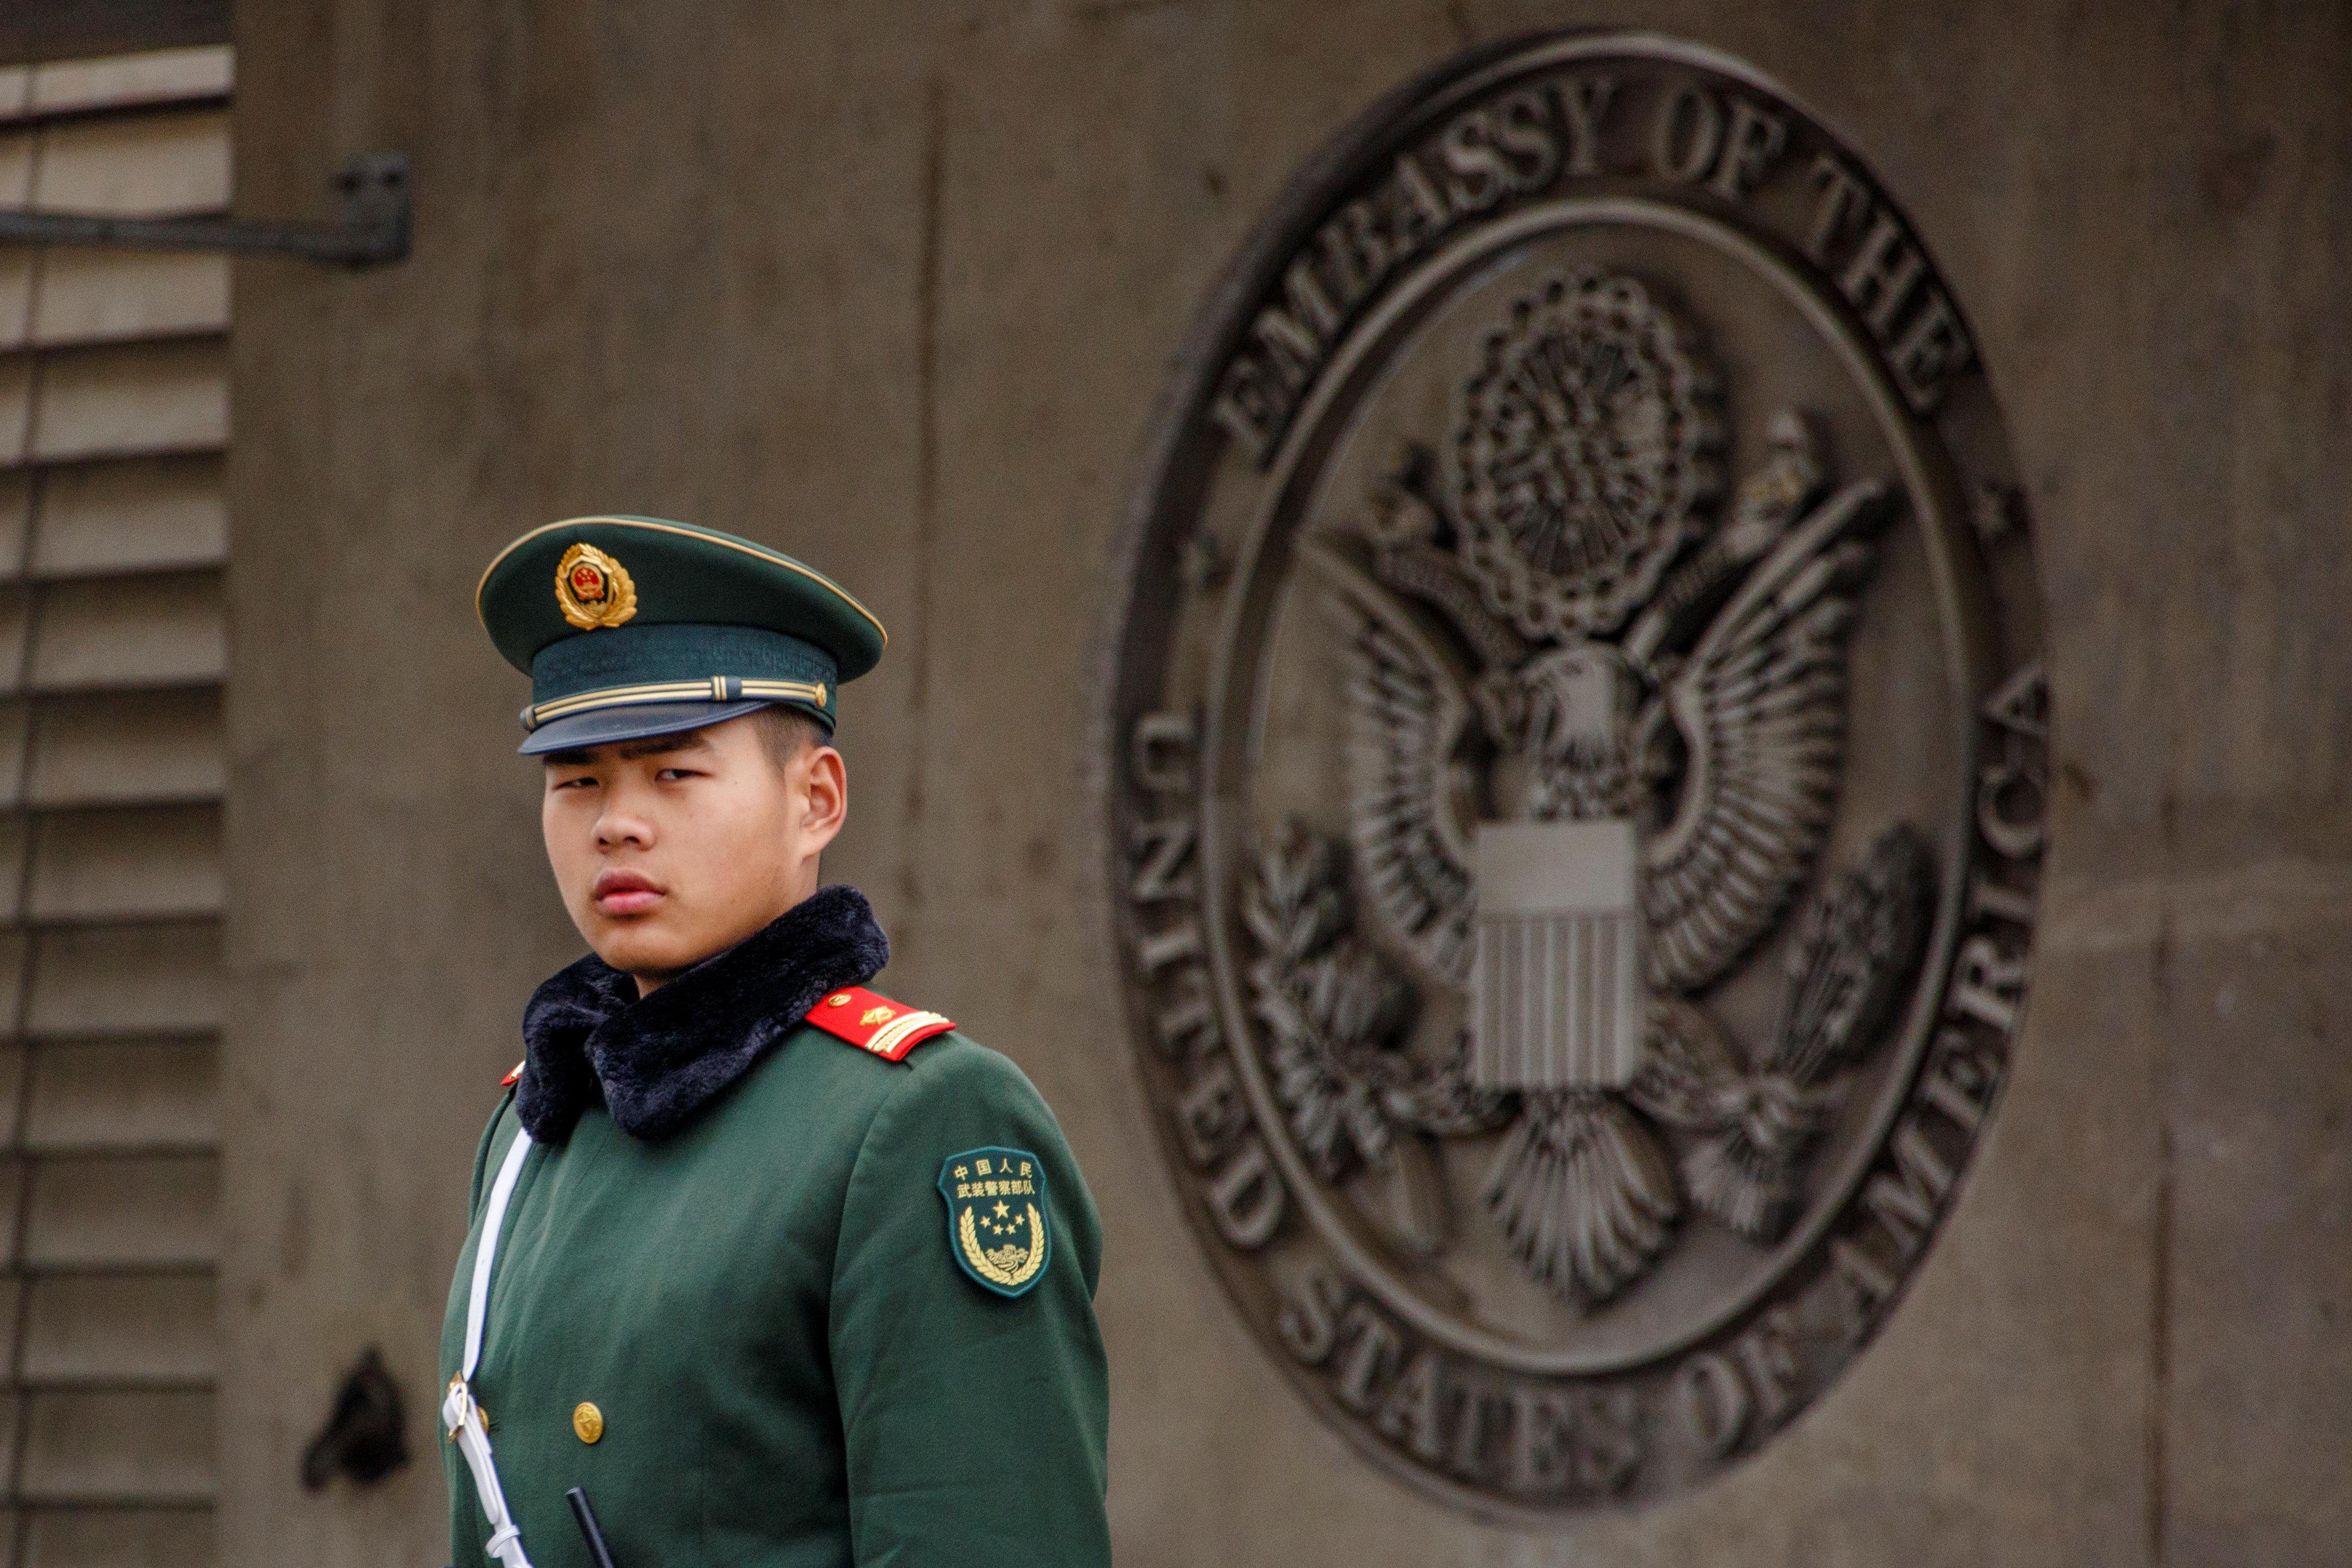 Sie hörten seltsame Töne: Mysteriöse Krankheit befällt US-Diplomaten in